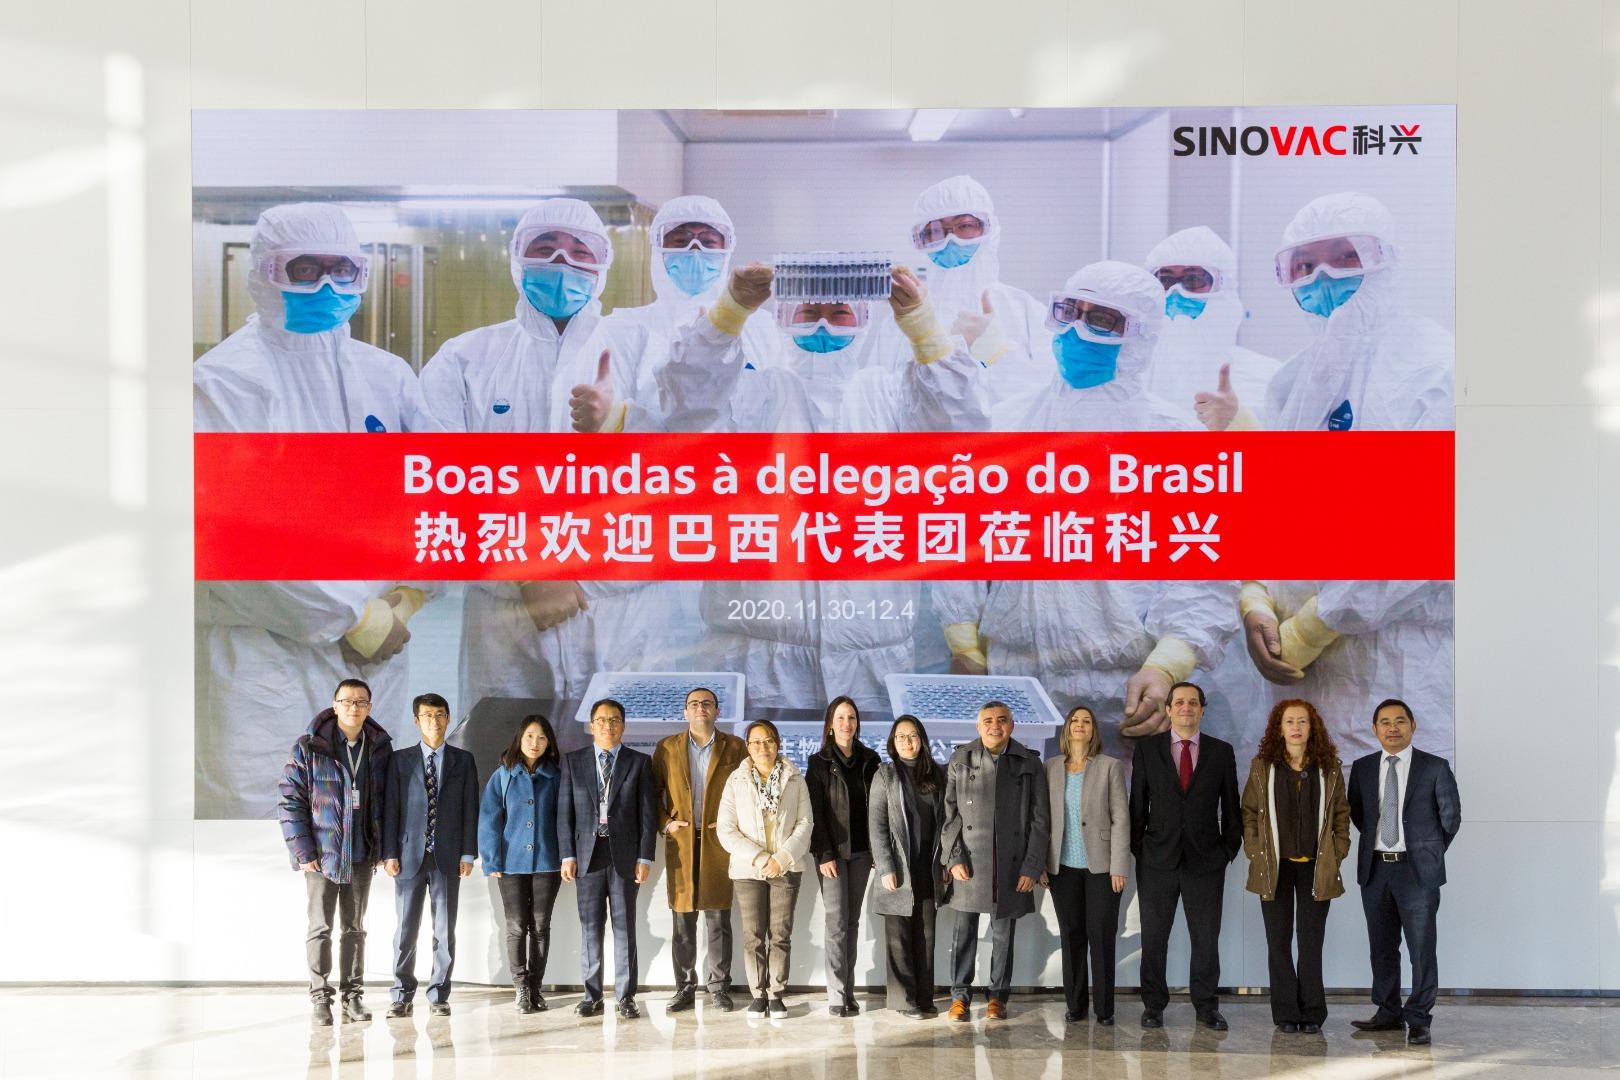 IMAGEM: Anvisa conclui inspeção da Coronavac e da AstraZeneca na China